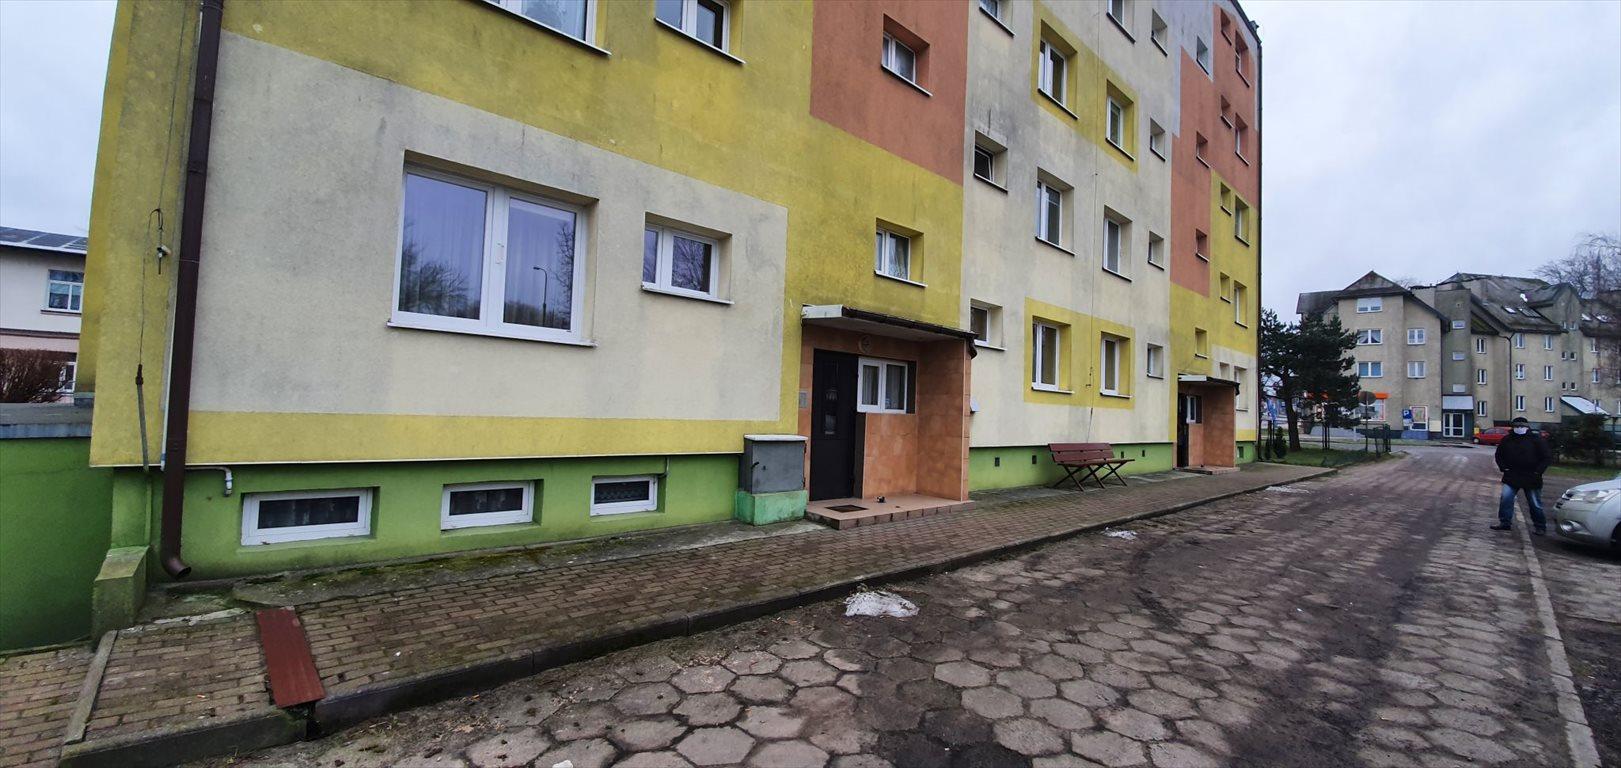 Mieszkanie trzypokojowe na sprzedaż Ustka  46m2 Foto 4